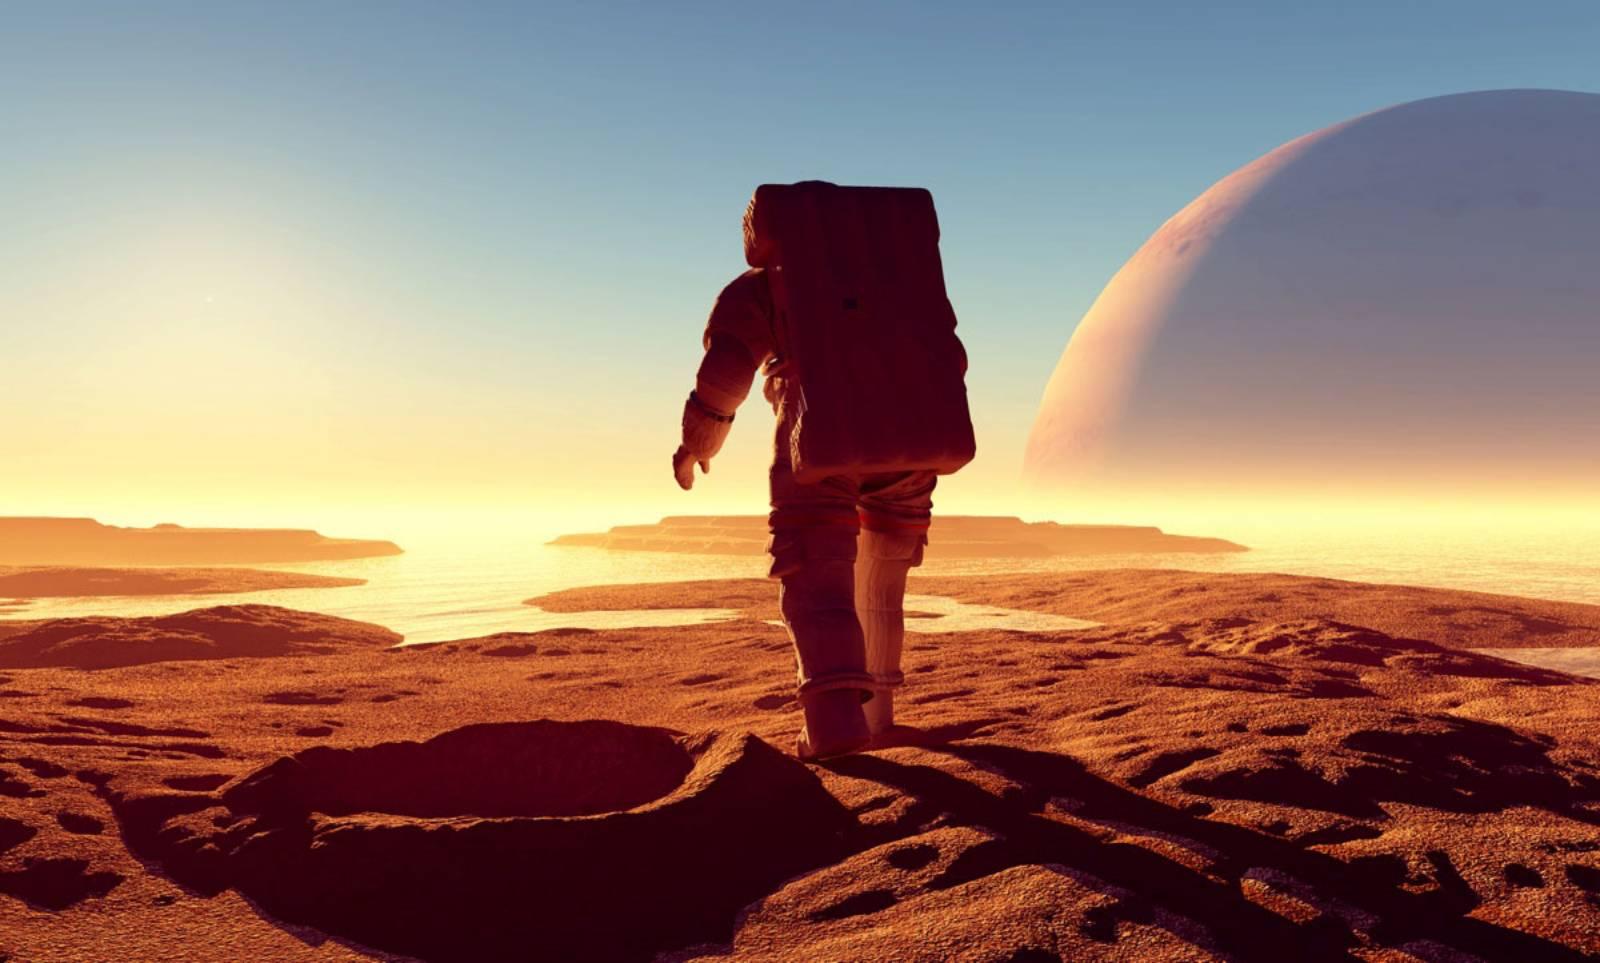 Planeta Marte viata umana